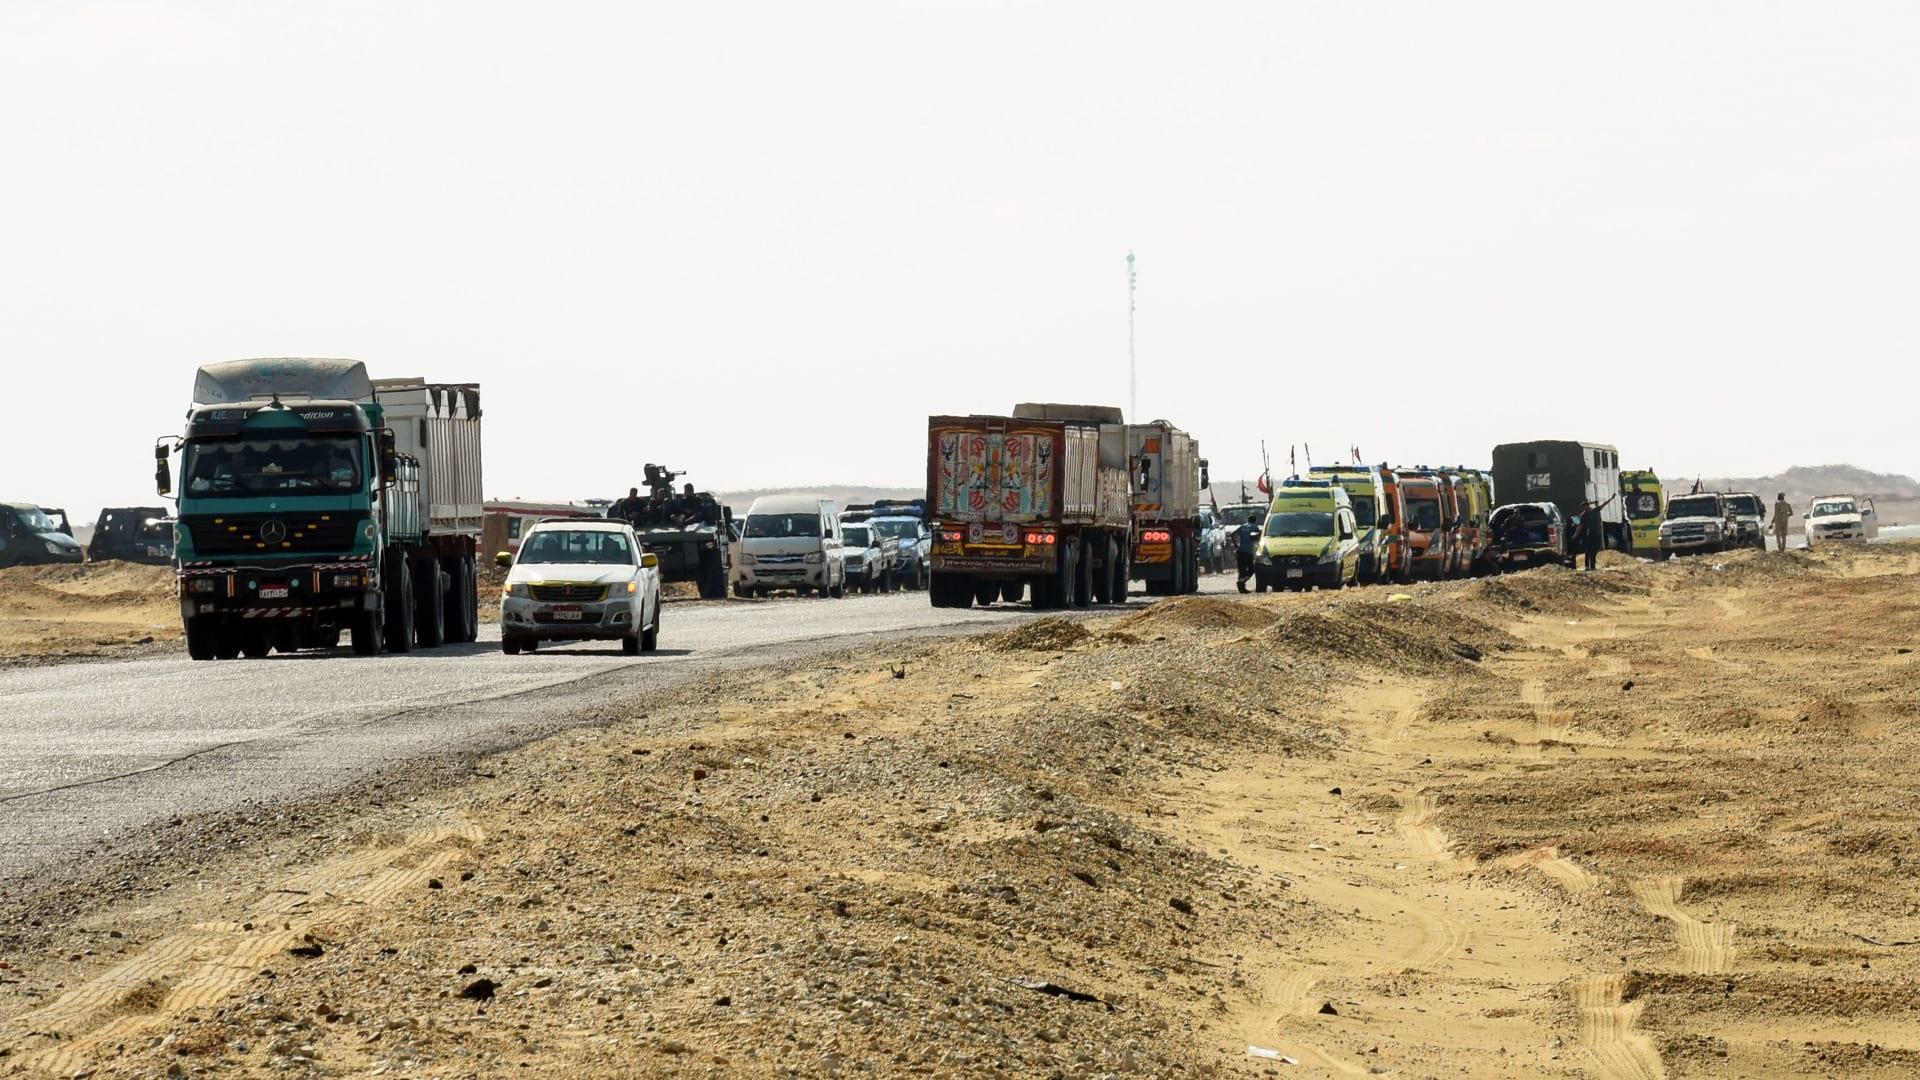 اشتباكات بين الشرطة المصرية مع سودانيين.. ومسؤول سوداني يعلق على حقيقة سقوط قتلى